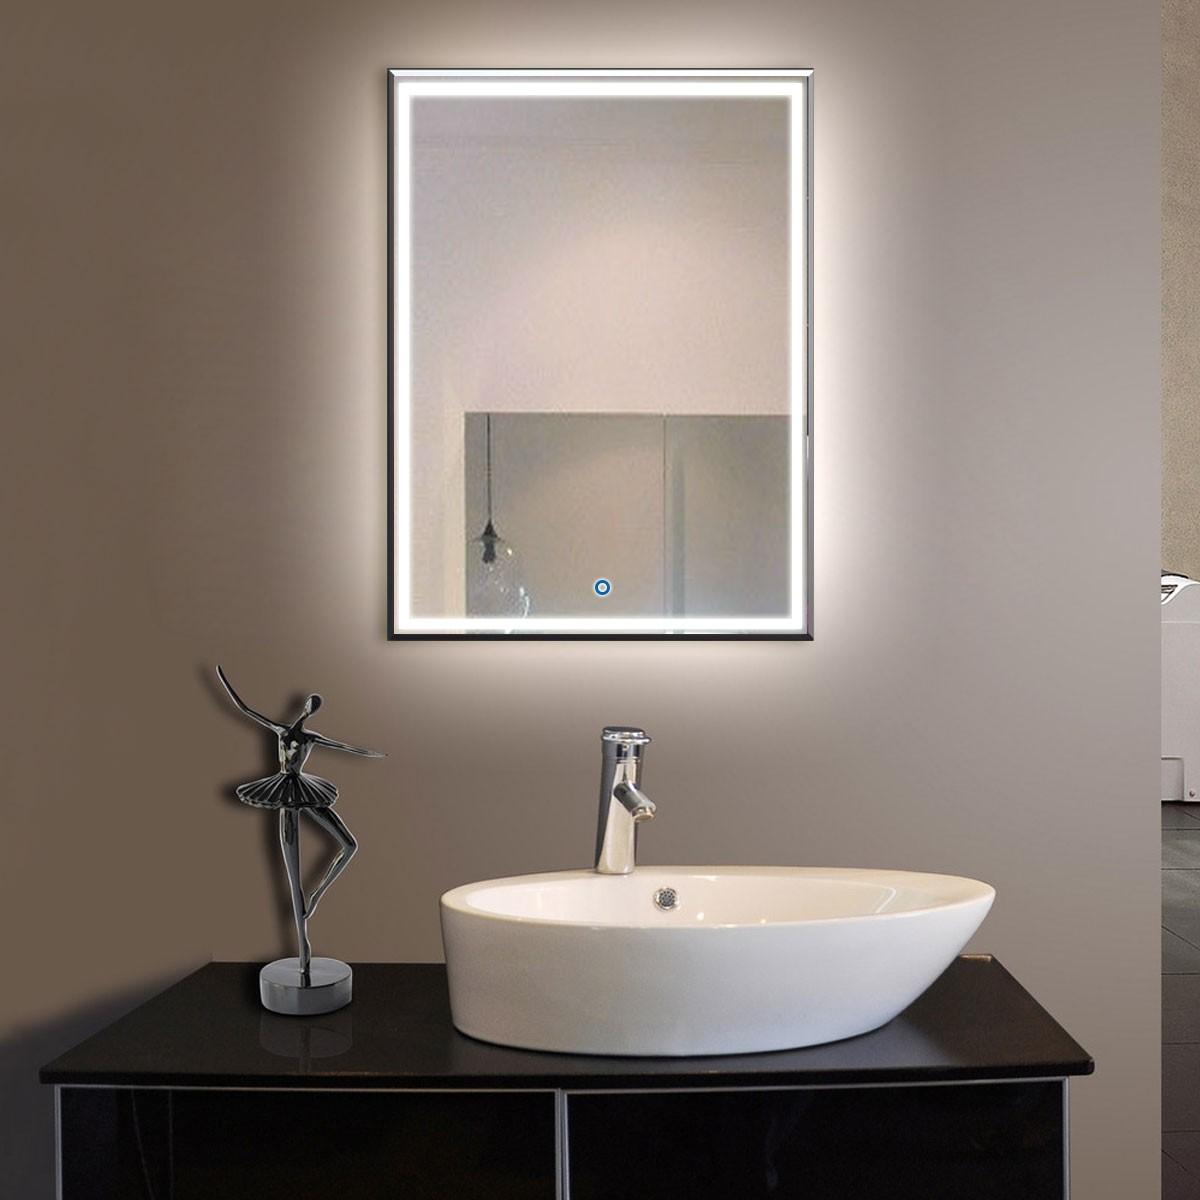 28 x 36 po Miroir LED Vertical de Salle de Bains avec l'Interrupteur Tactile (DK-OD-C226)